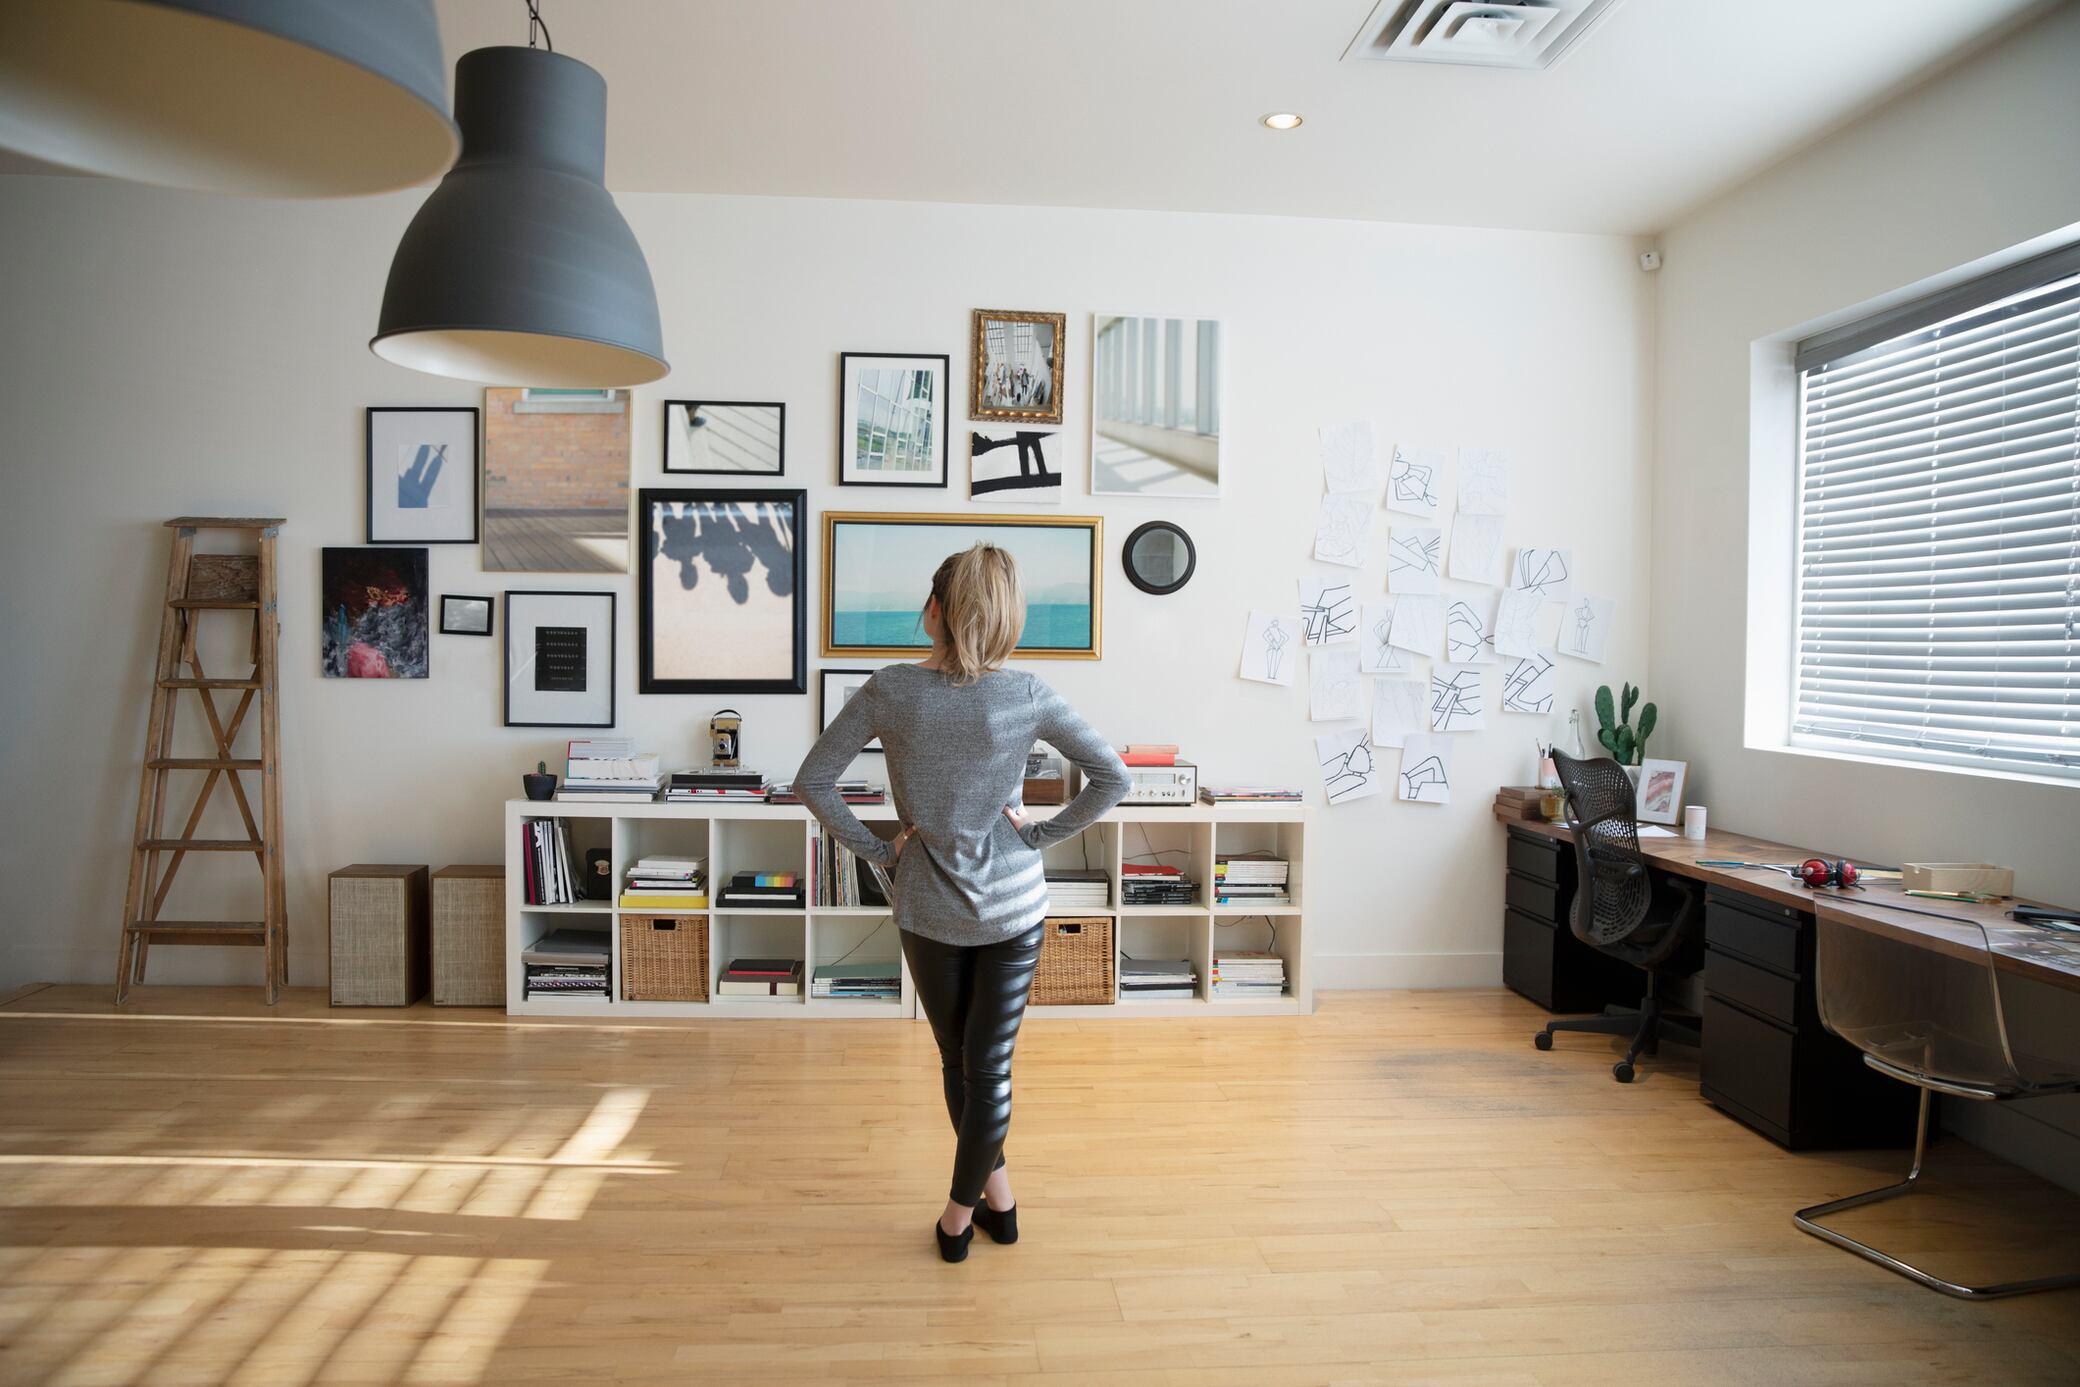 6 Stile, wie man Bilder aufhängen kann